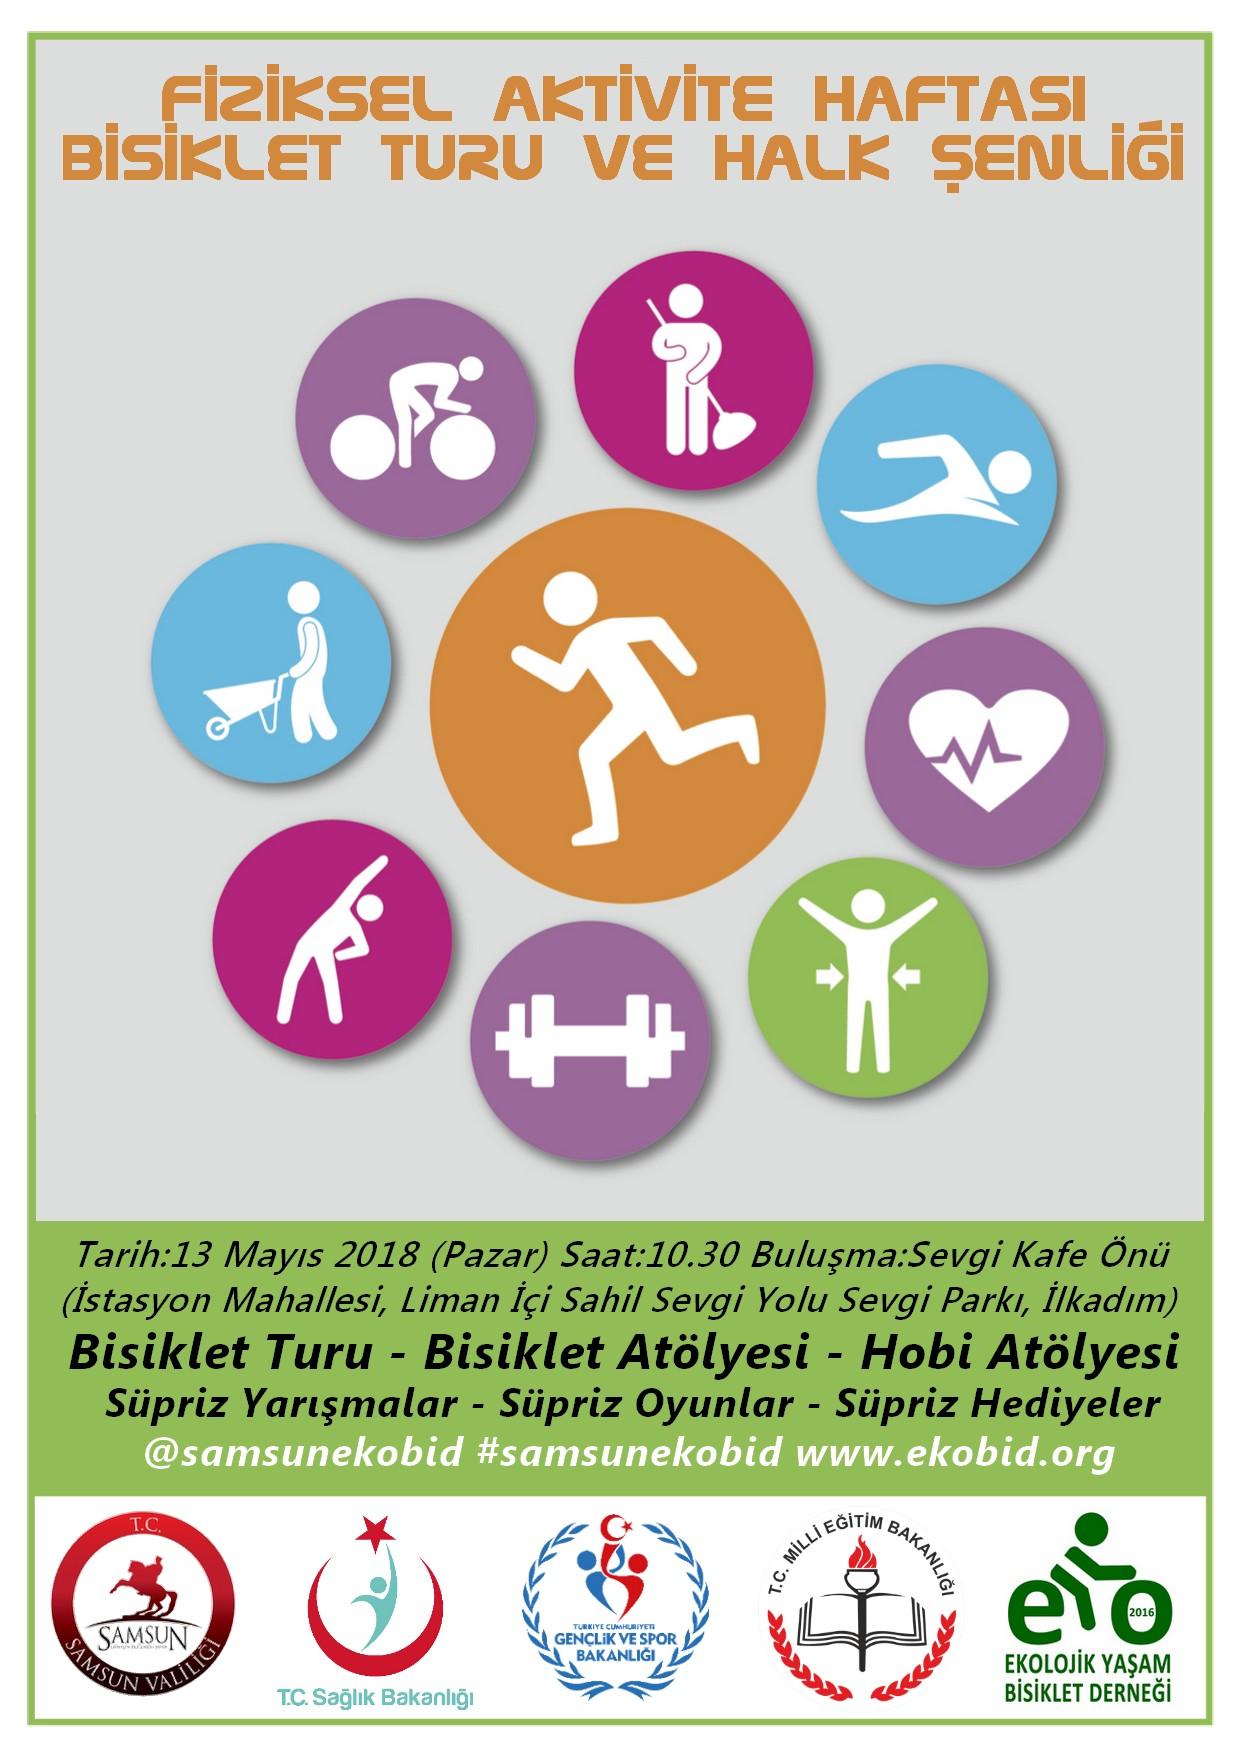 Fiziksel Aktivite Haftası Şenlik